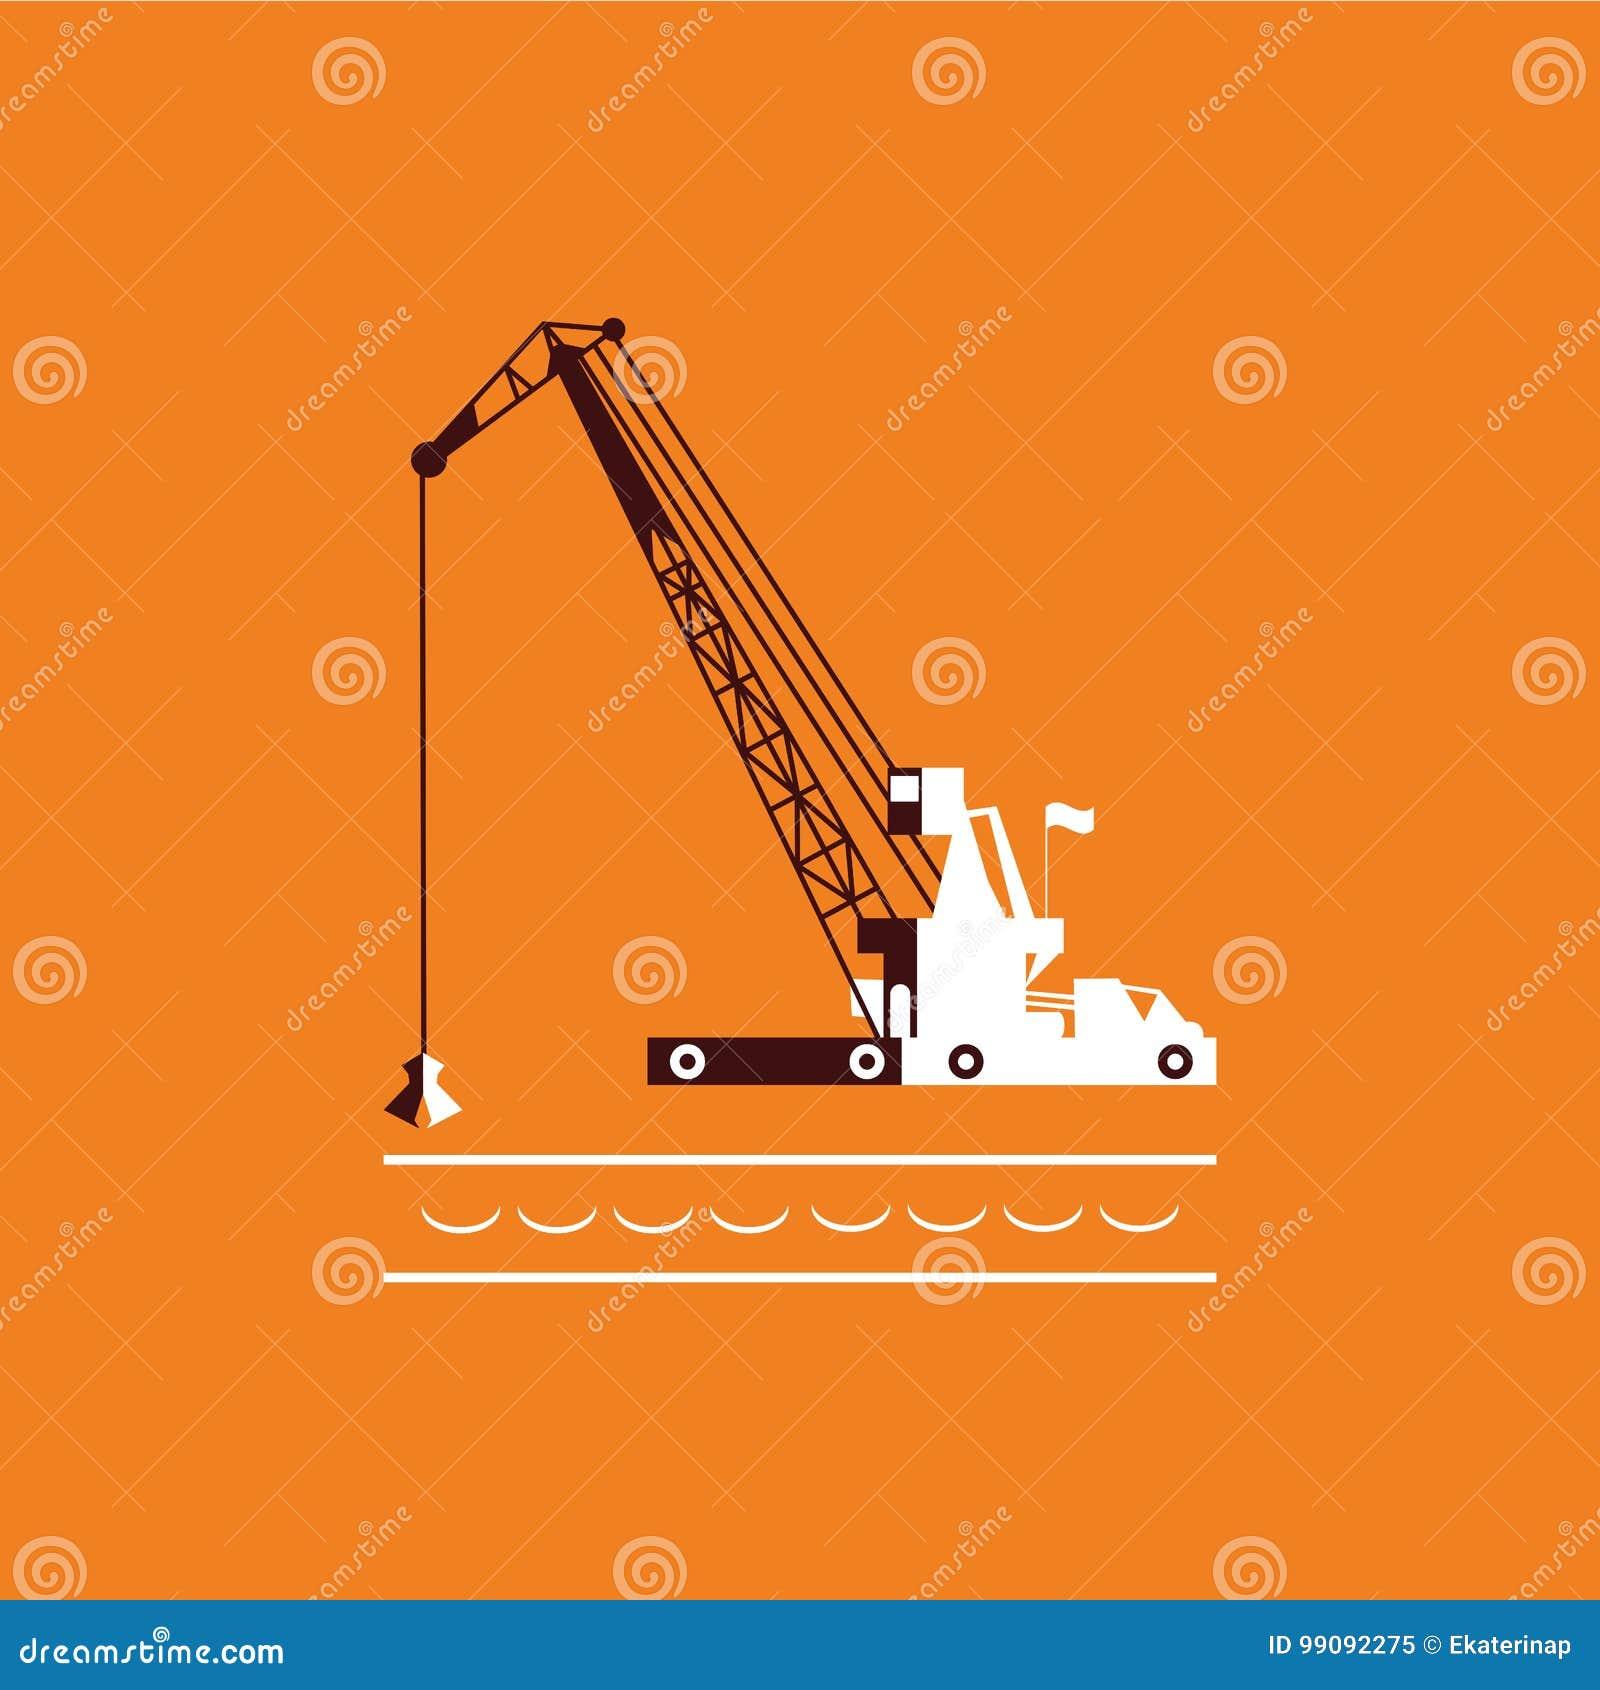 Nave industriale della chiatta gru enorme che scava il fondo del mare di scavatura di dragaggio del marinaio della sabbia marrone